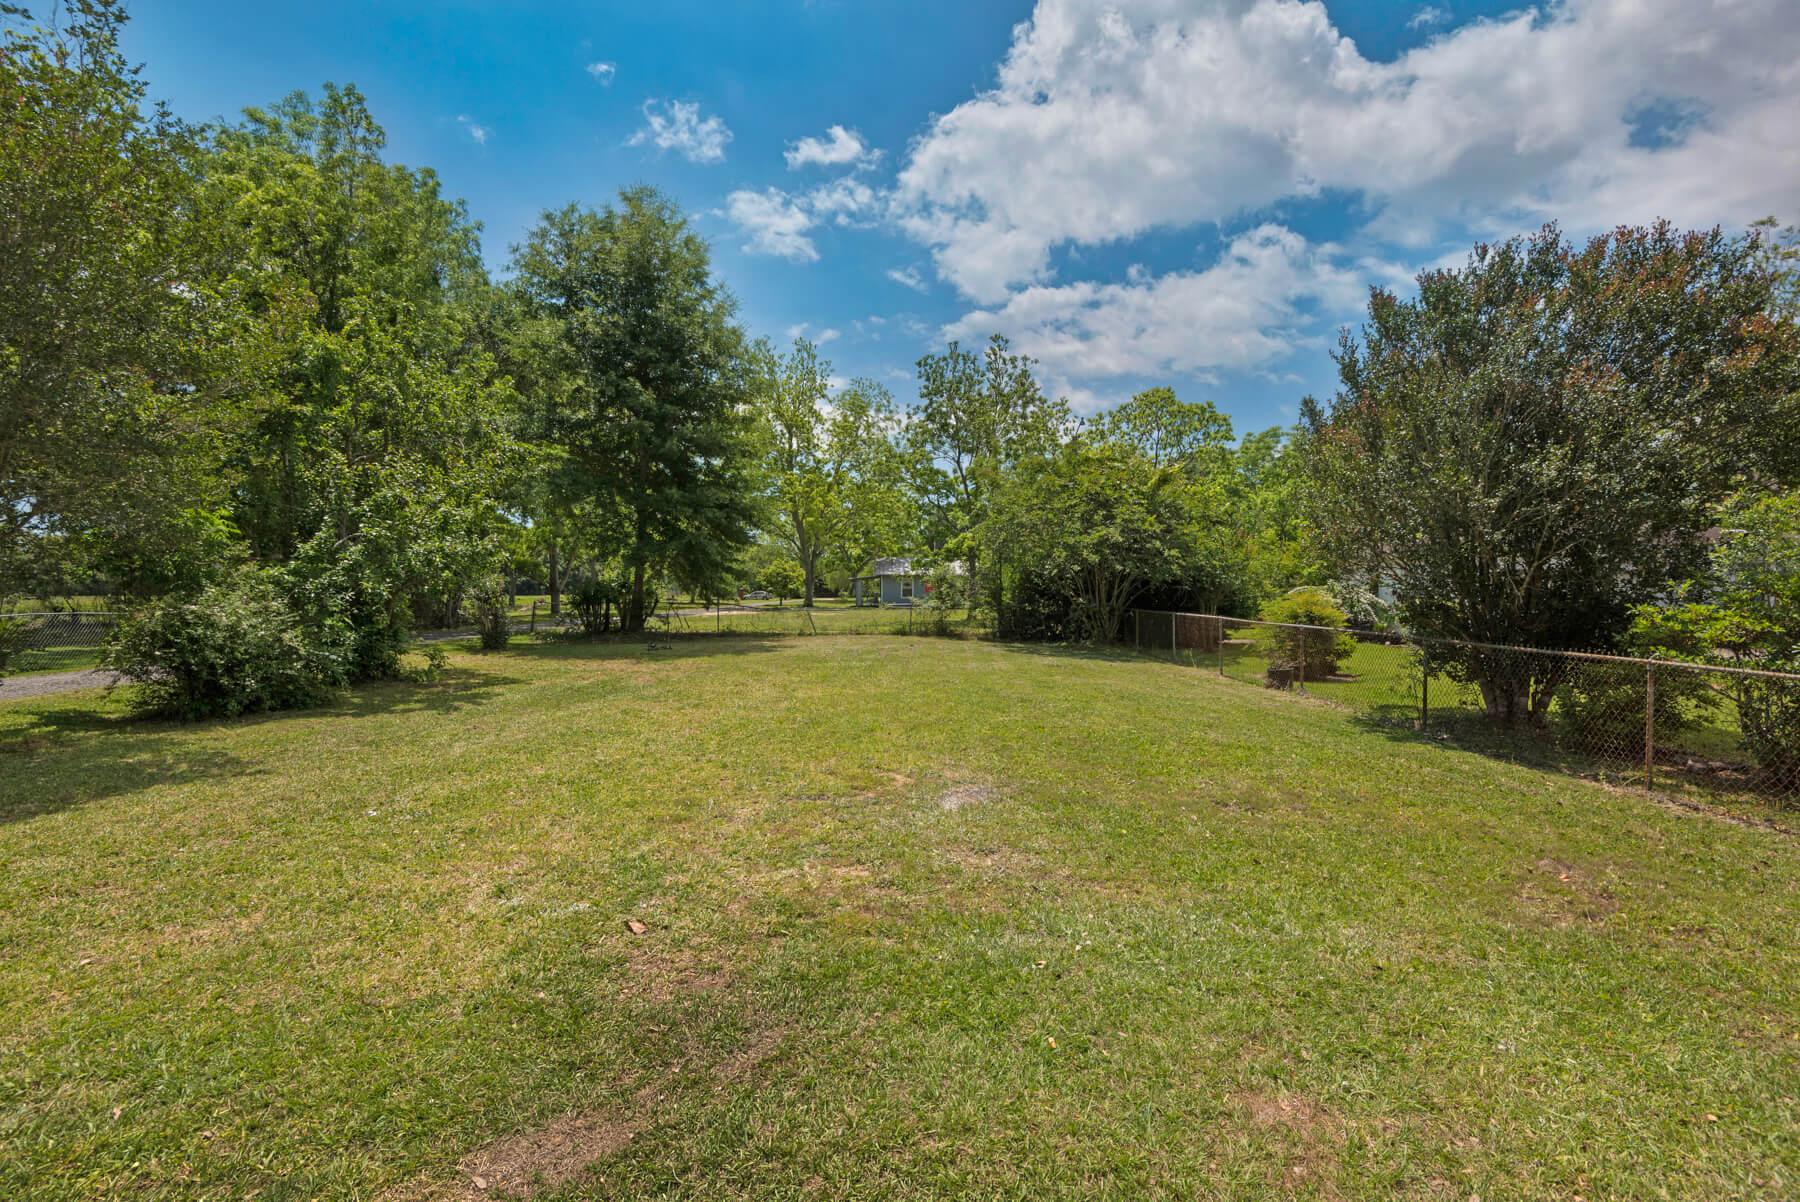 7466 Twin Beech Road Fairhope for Sale Urban Property backyard view 7